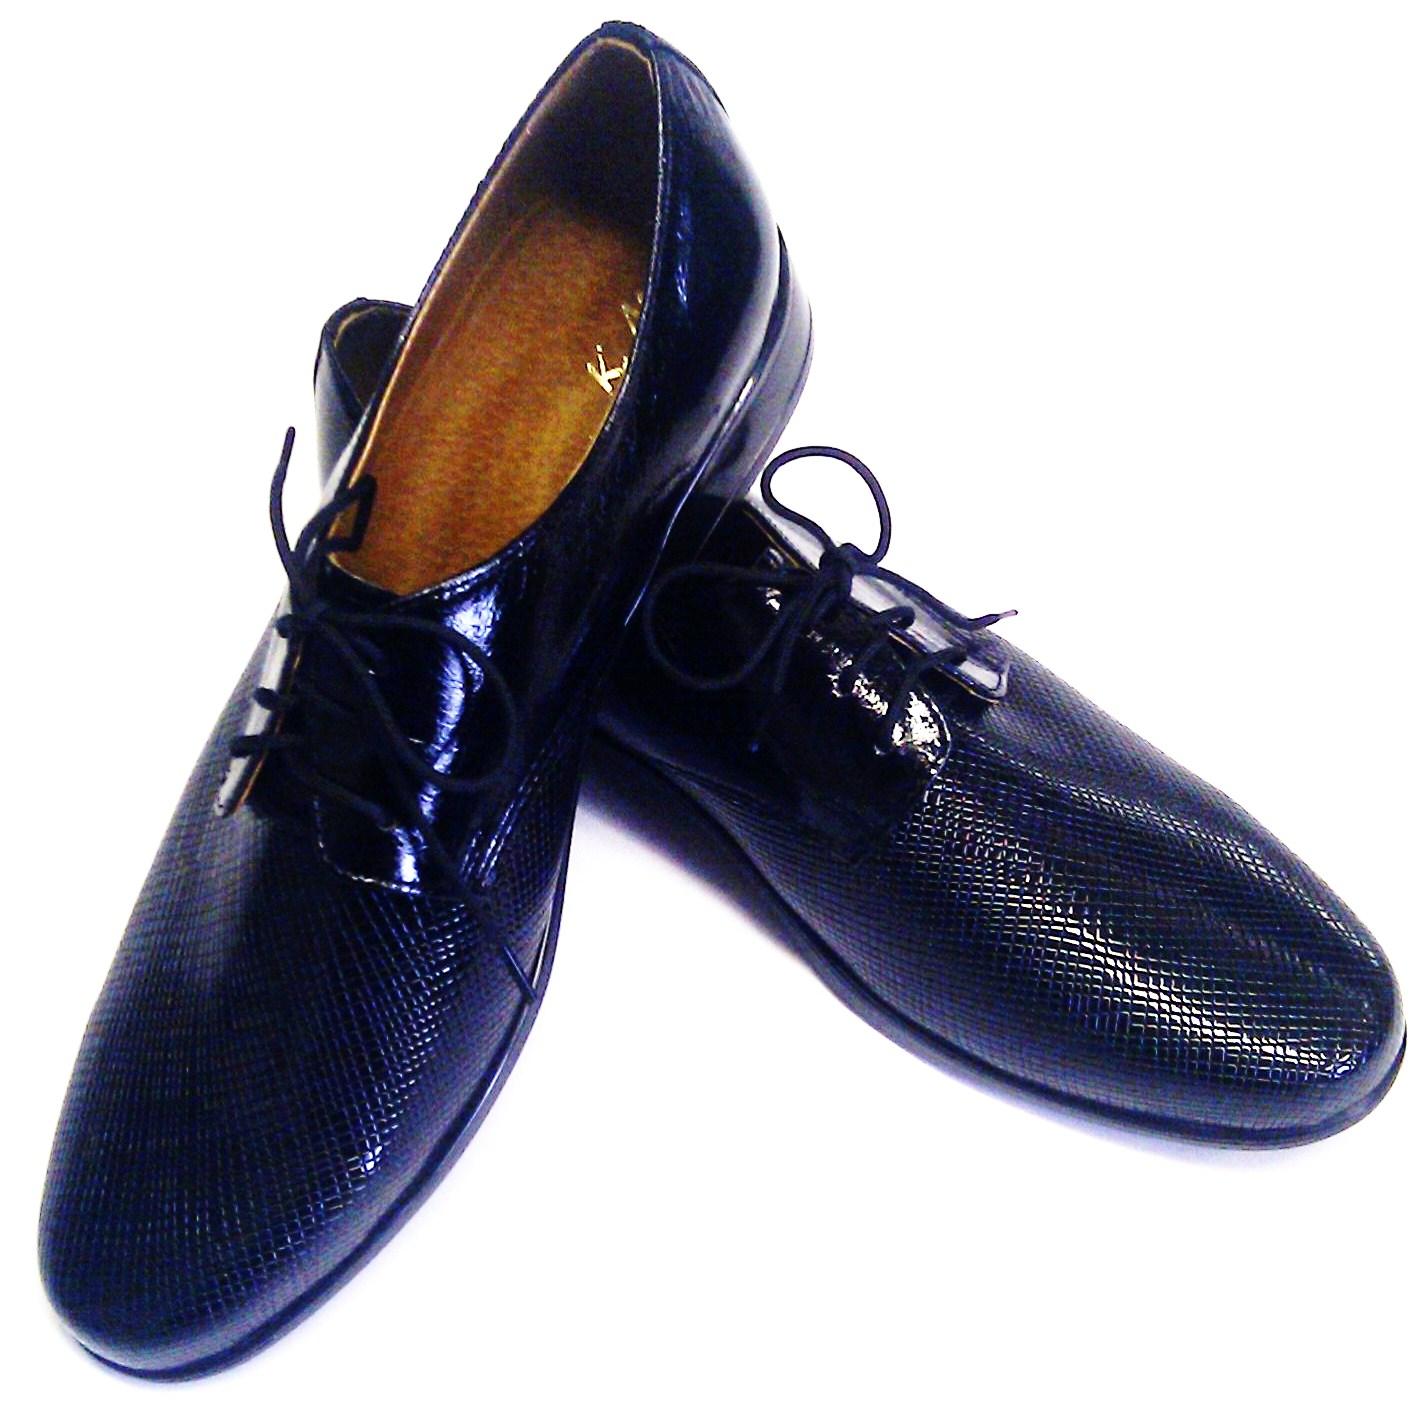 Chlapecké boty střevíce černé v.26-29  47a9068970